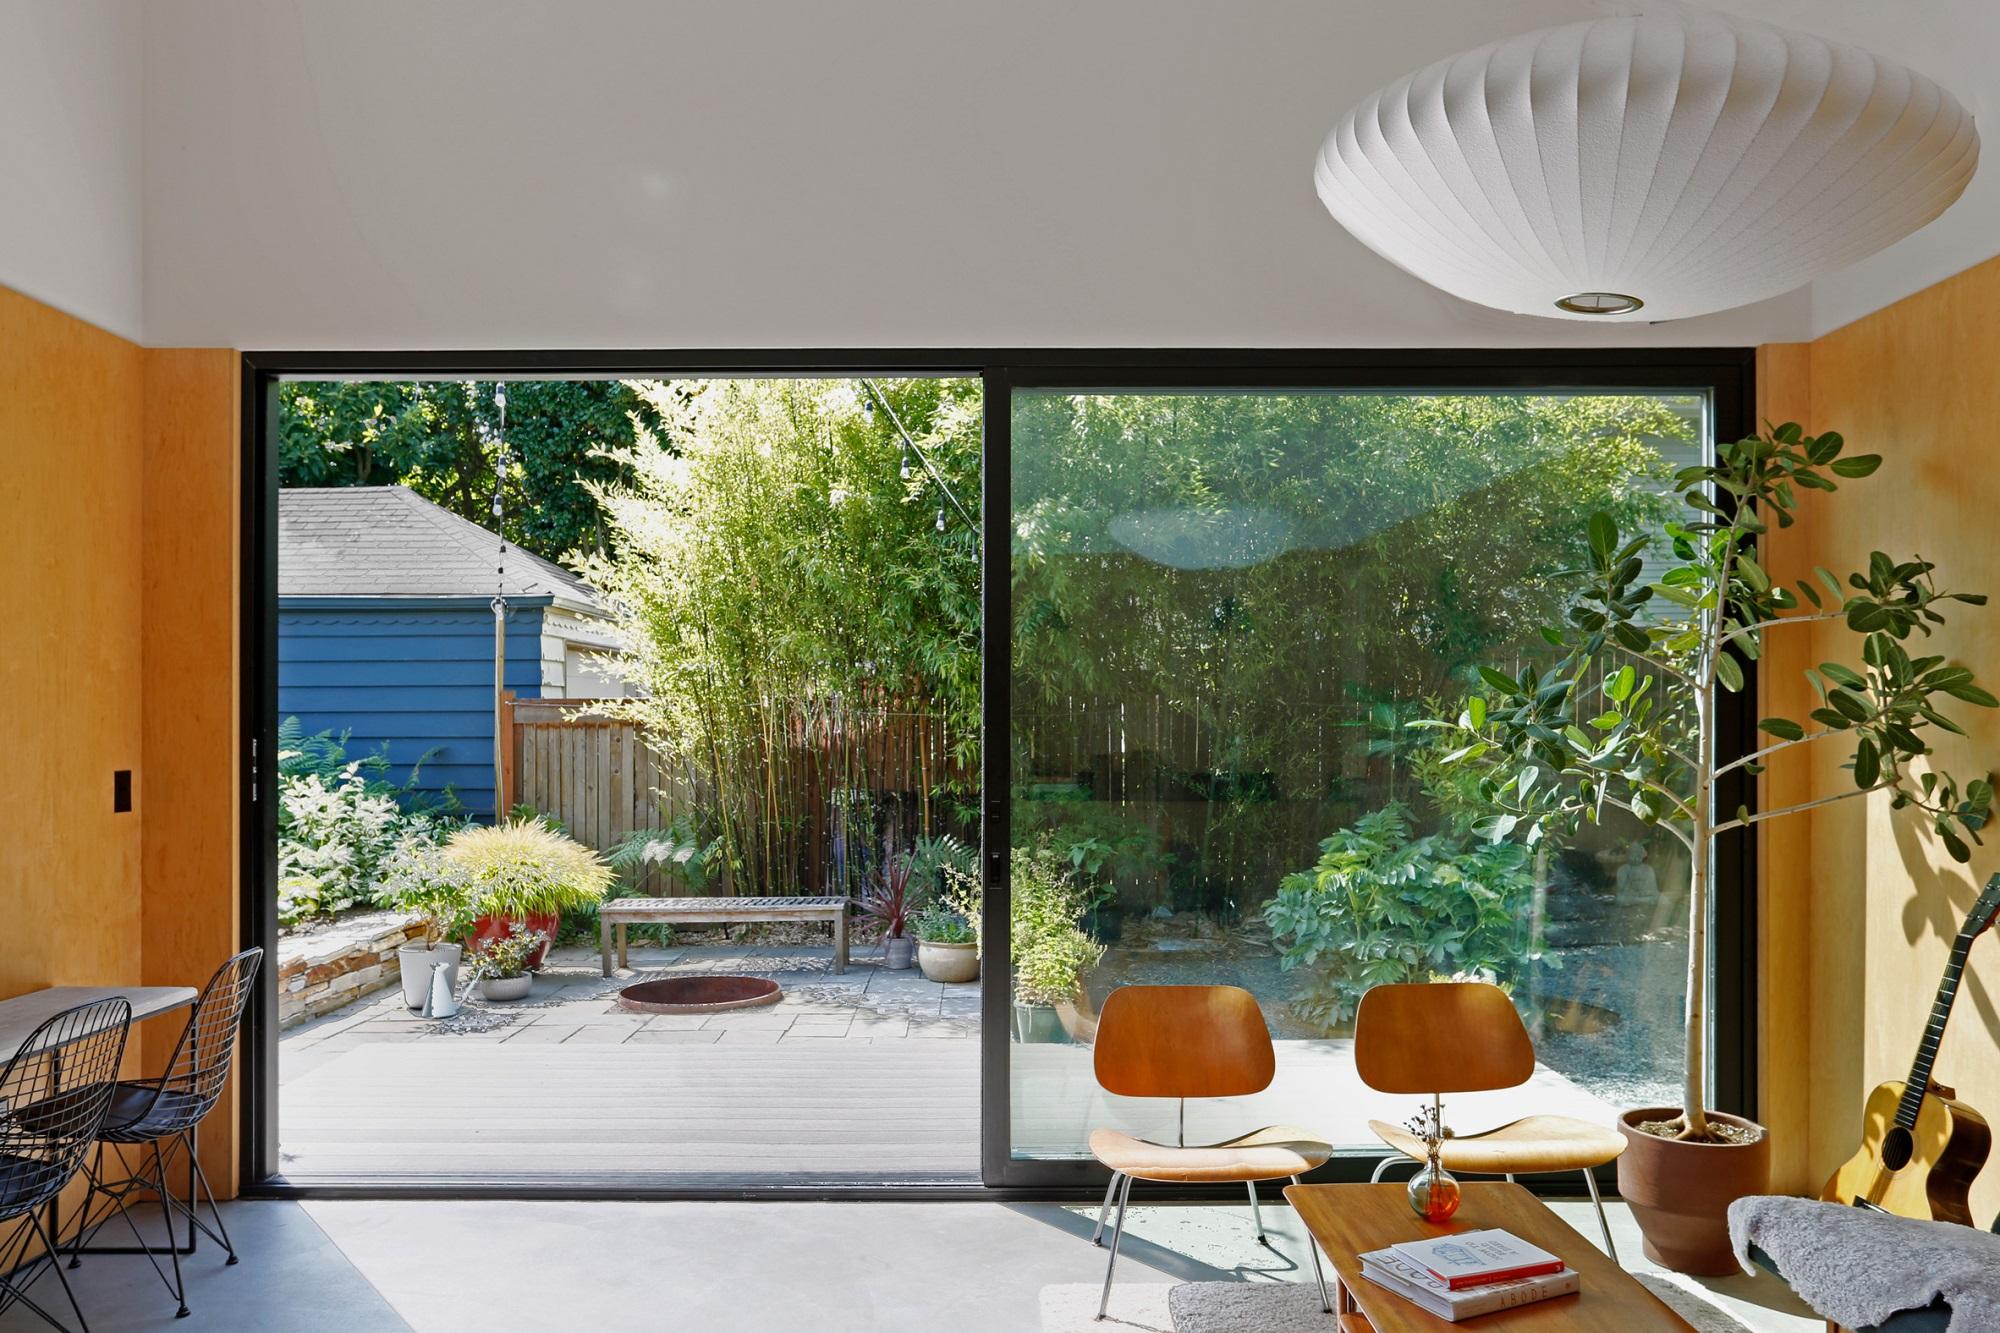 Ngôi nhà 54m² nhưng với cách thiết kế sáng tạo đã biến mặt tiền 4m thành 2 không gian vừa cho thuê vừa sử dụng tách biệt - Ảnh 5